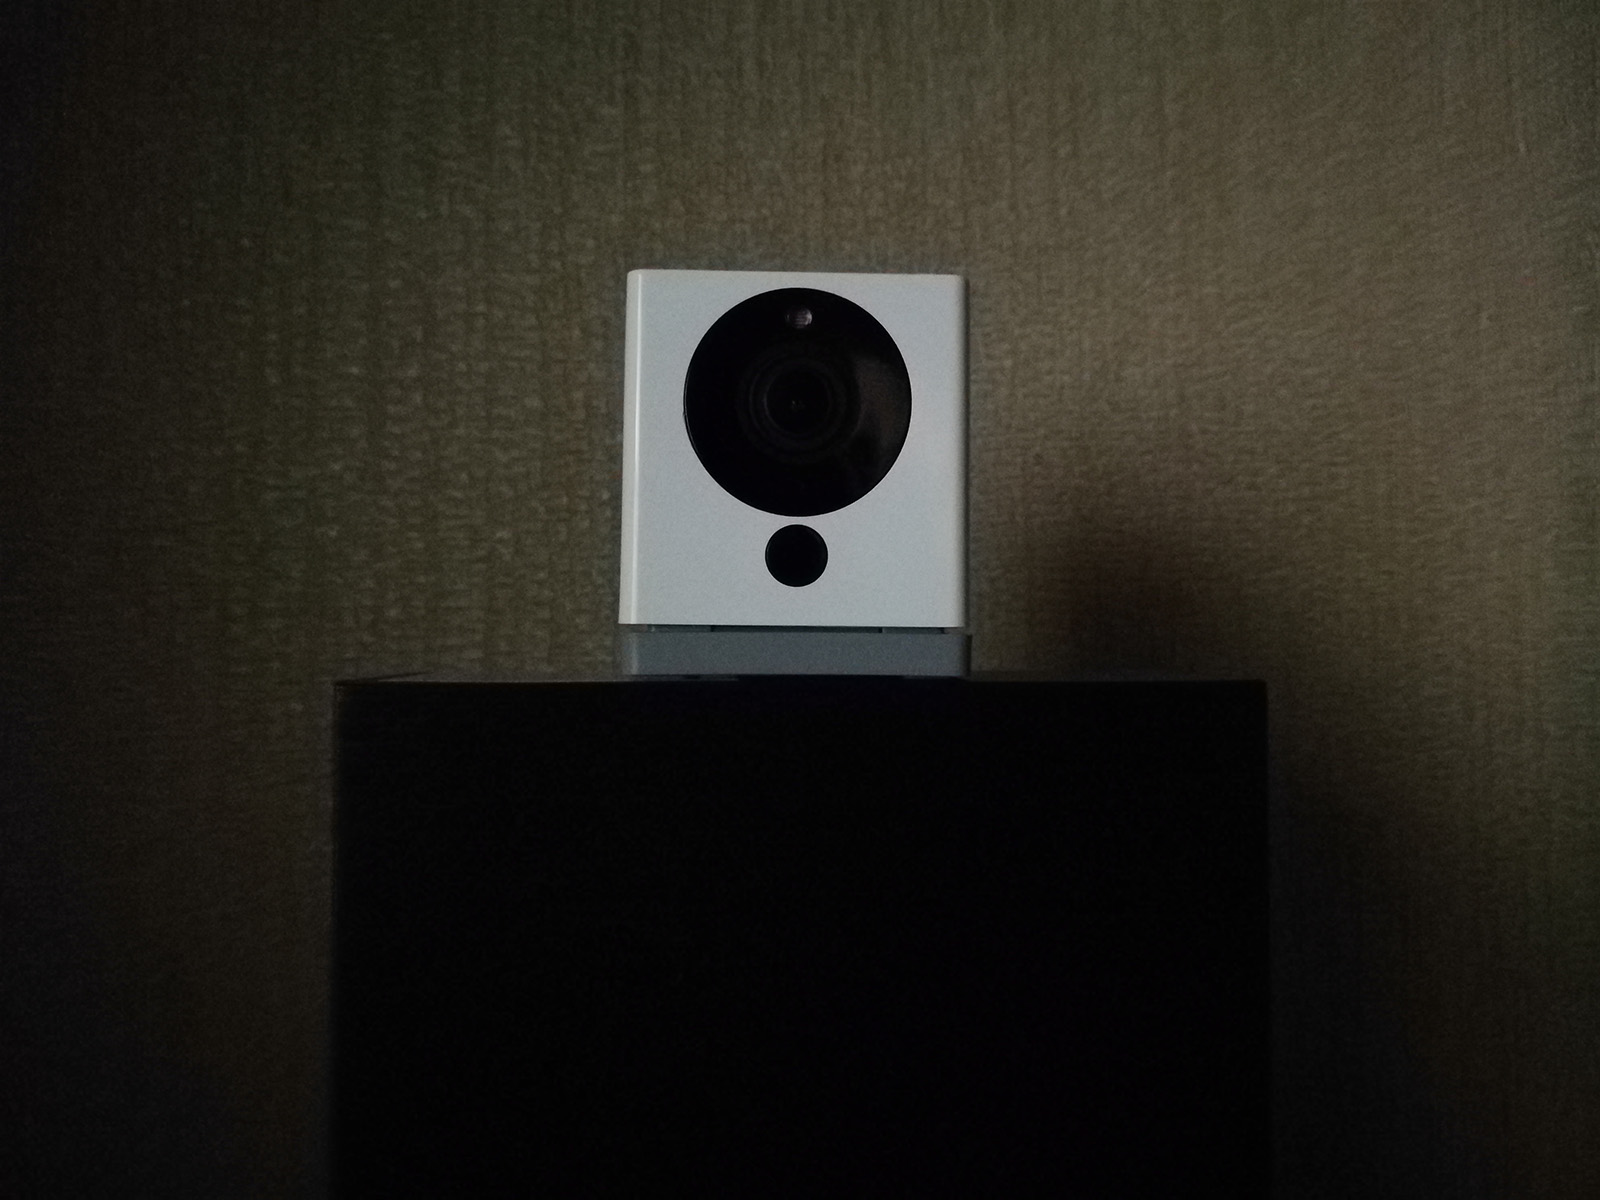 Съёмка в условиях плохого освещения на камеру Huawei P10 - ручное ISO